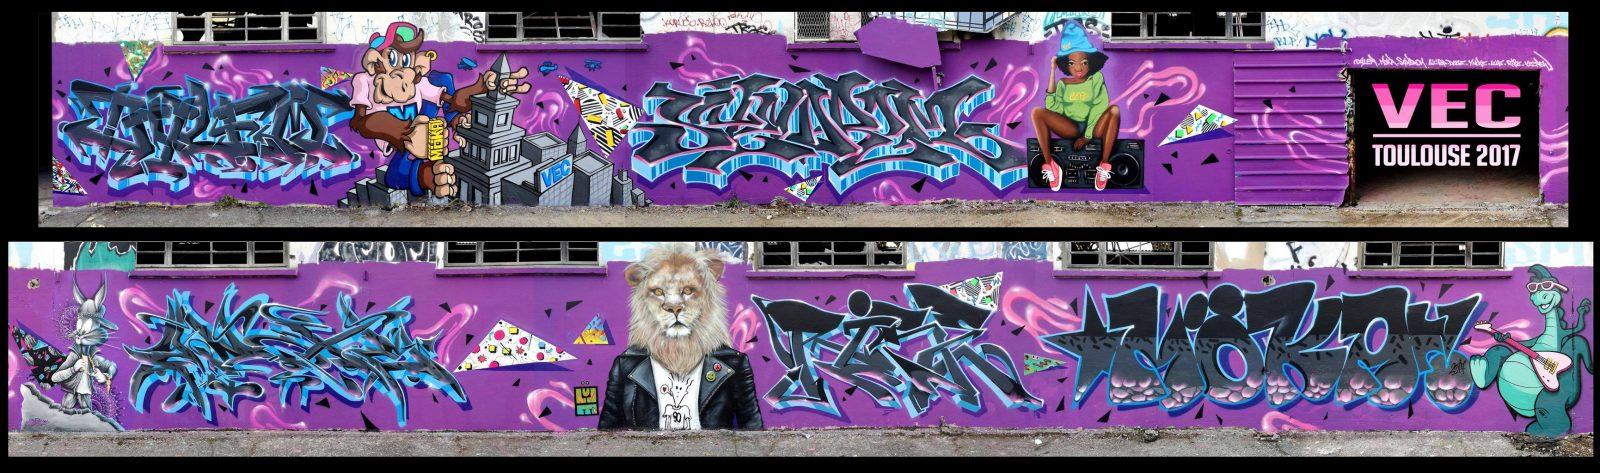 vec-graffiti-toulouse